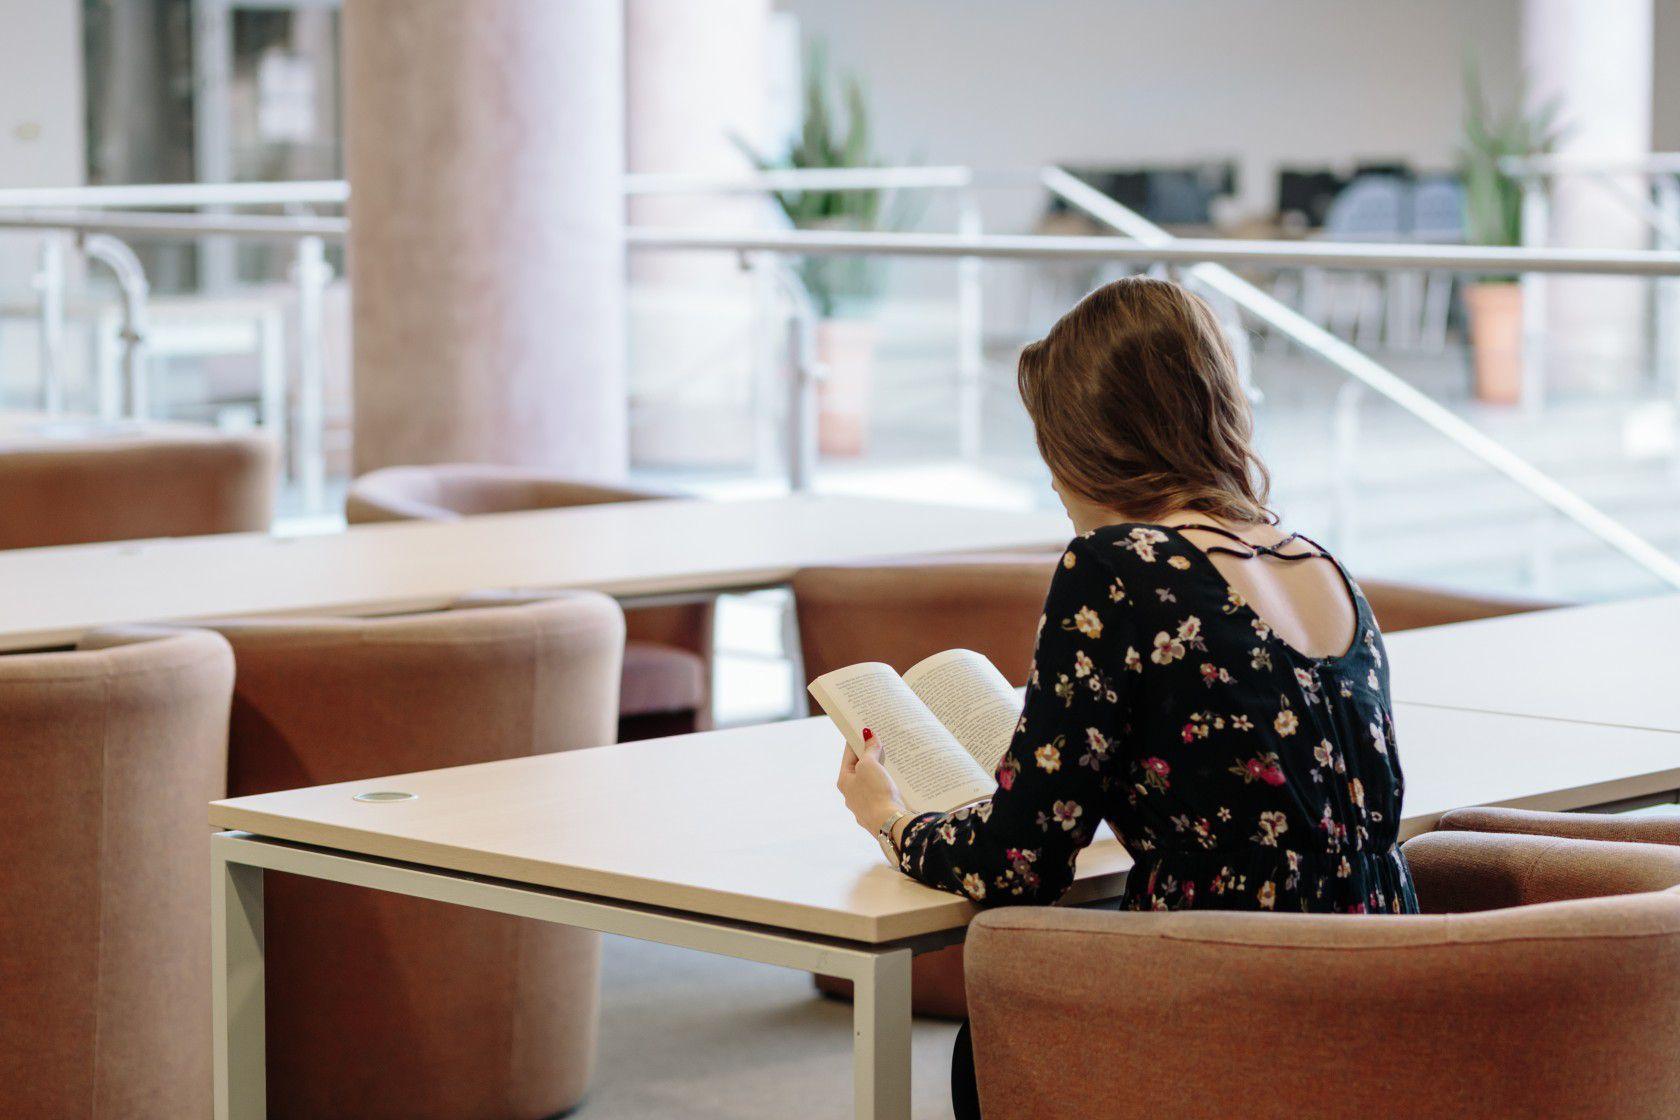 Avrupa Devlet Bakanlığı Lise Eğitim Programları Kapsamında Merak Edilen Tüm Detaylar